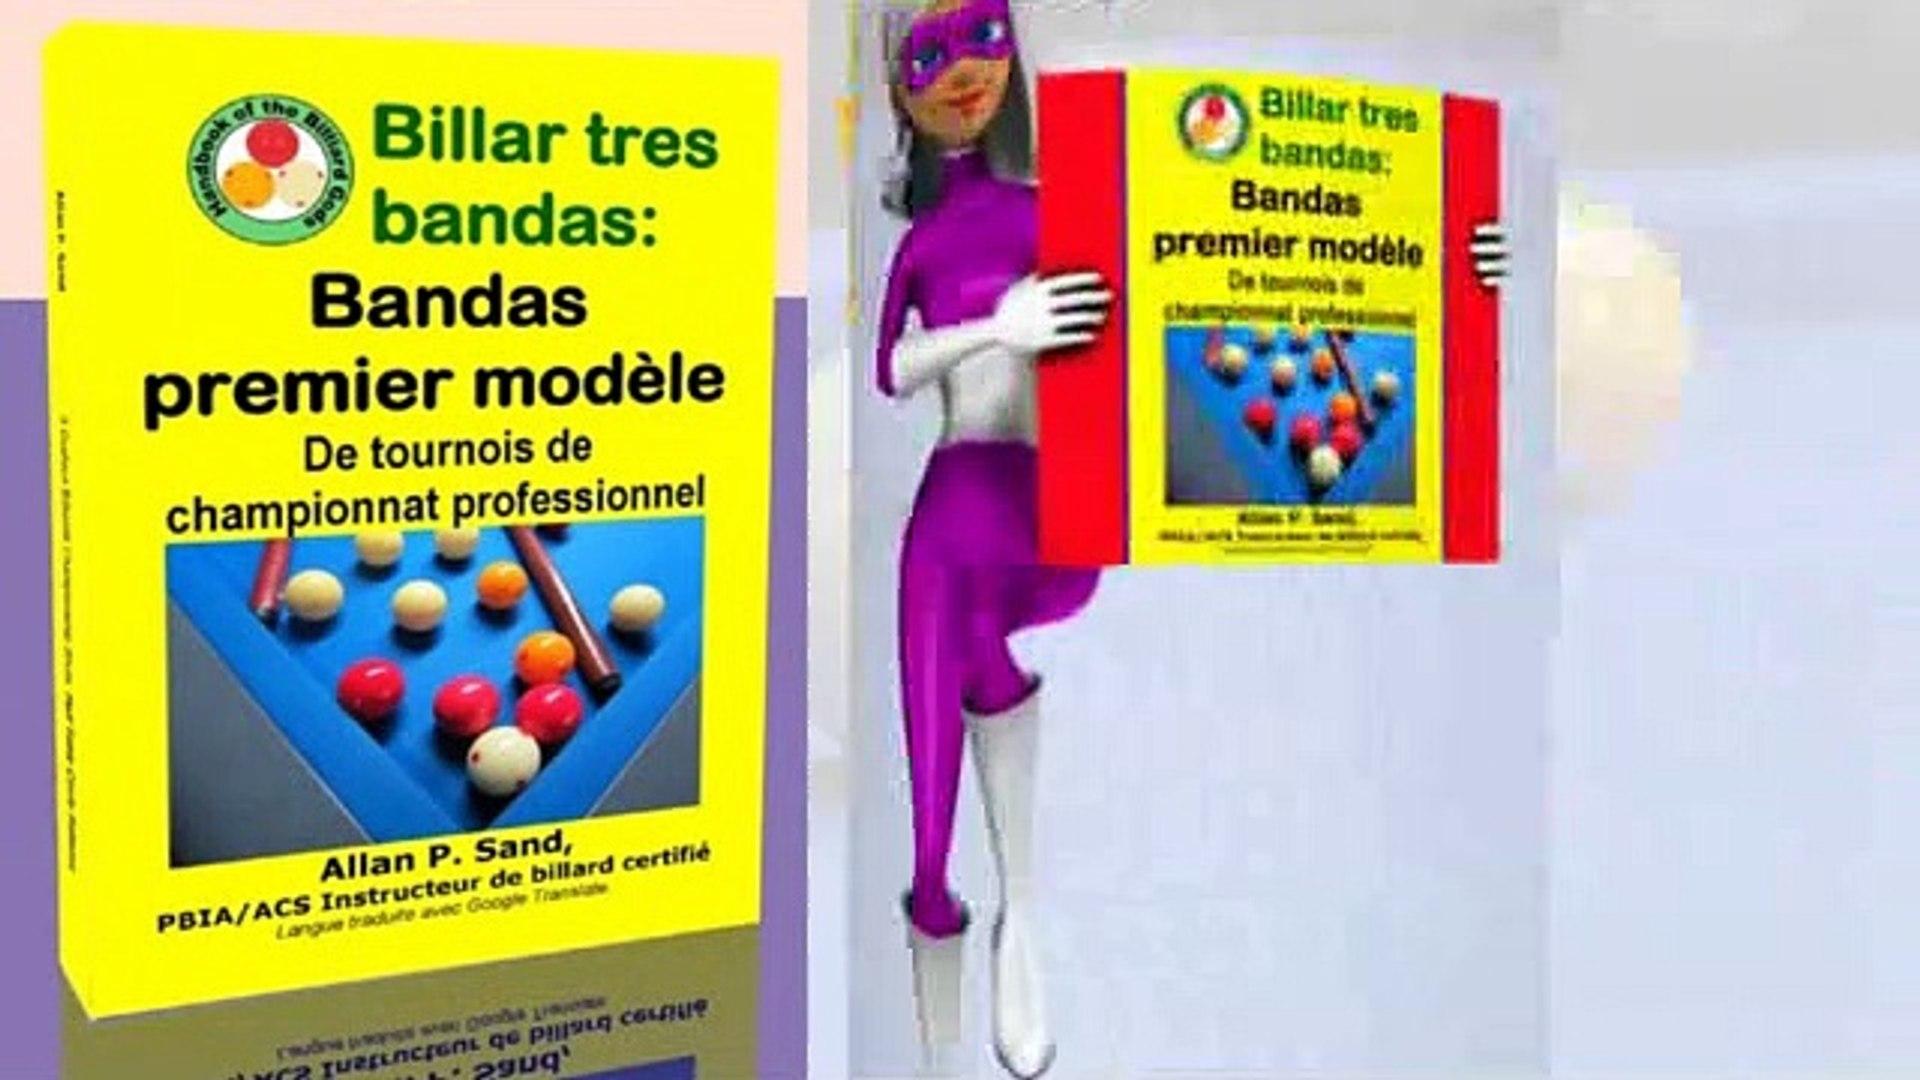 Livre vidéo pour Billar tres bandas: Bandas premier modèle (fr)